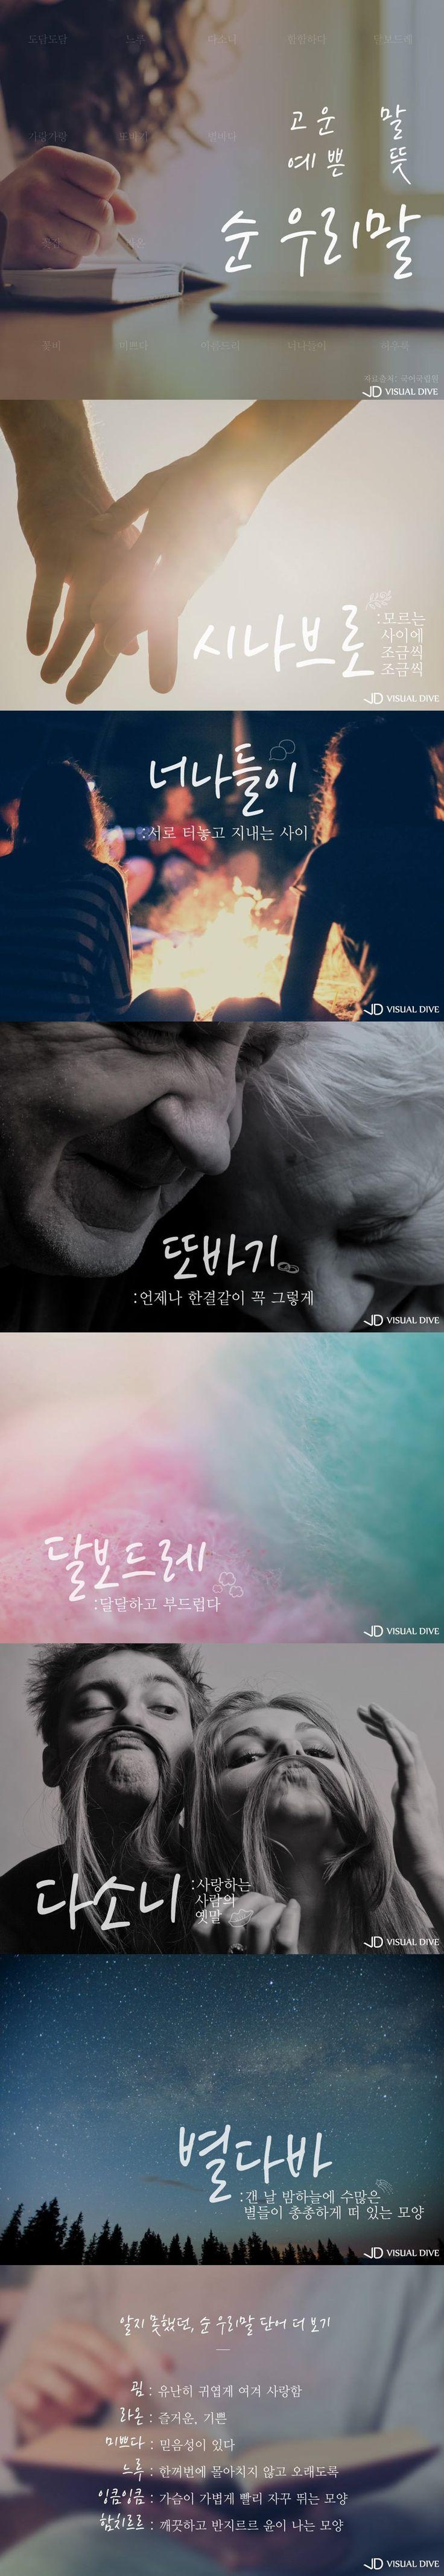 달보드레, 별밭, 라온… 예쁜 우리말, 무슨 뜻일까? [인포그래픽] #Korean / #Infographic ⓒ 비주얼다이브 무단 복사·전재·재배포 금지